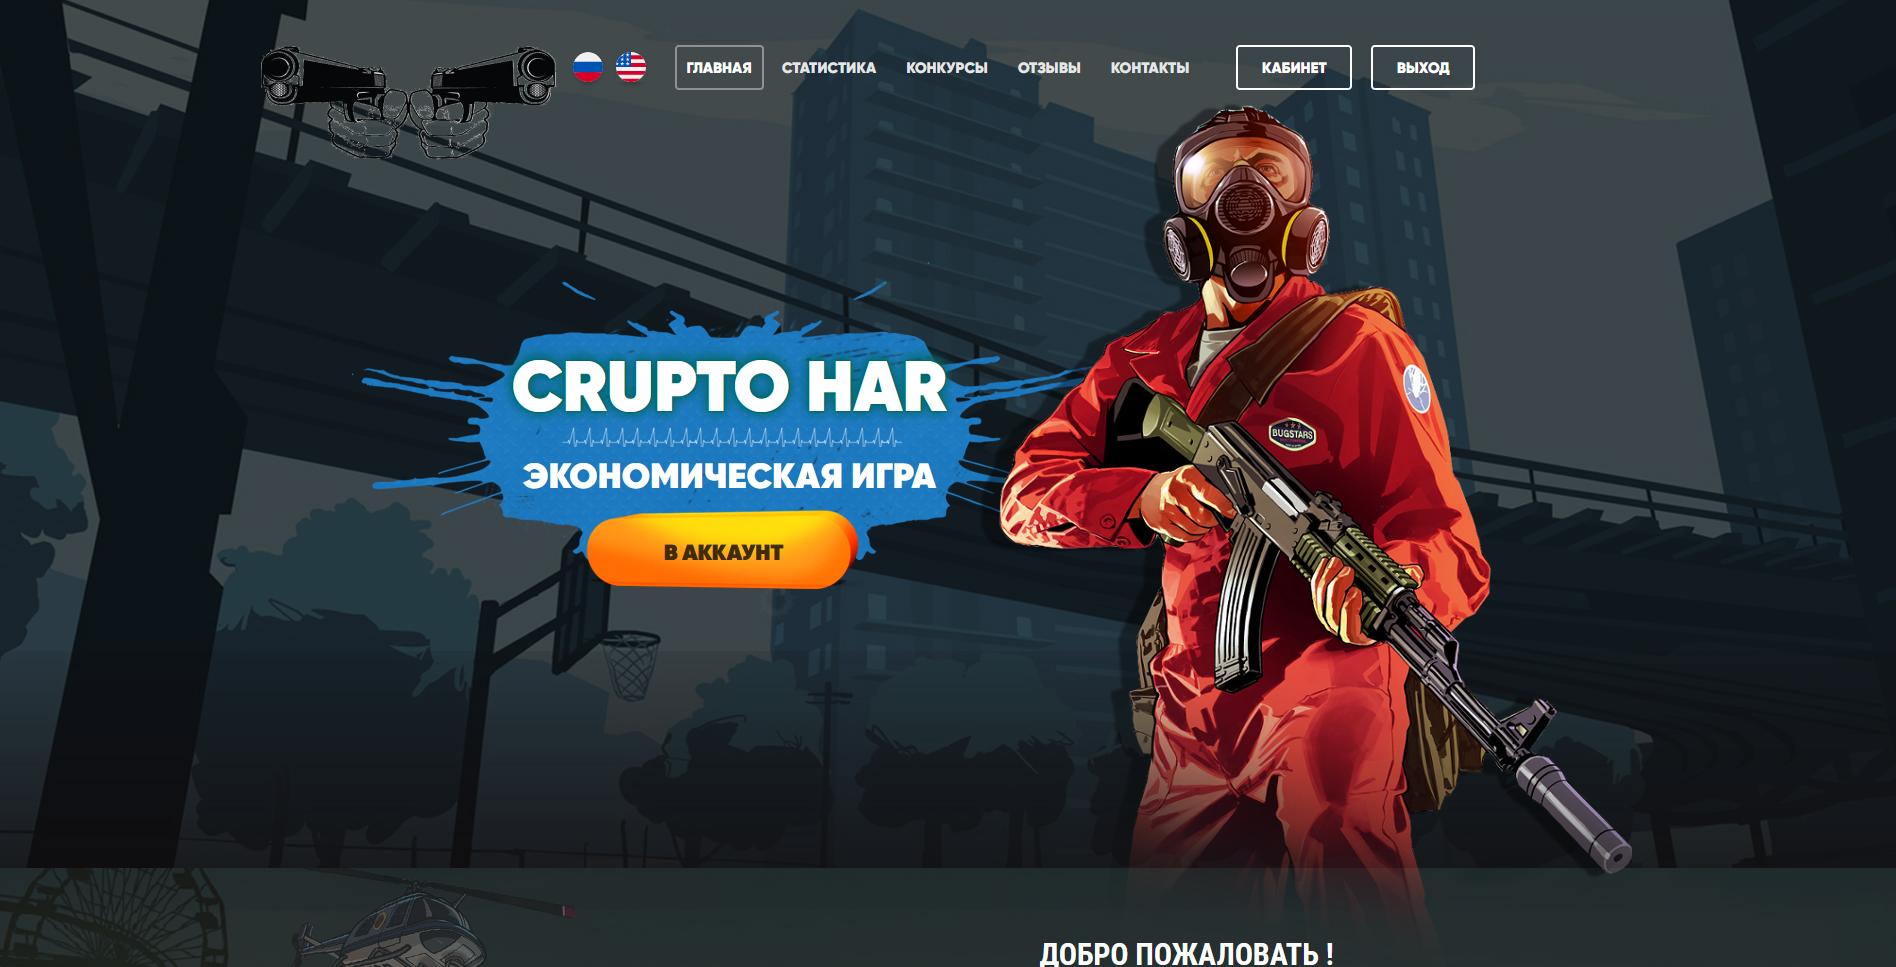 crypto har - crypto-har.ru